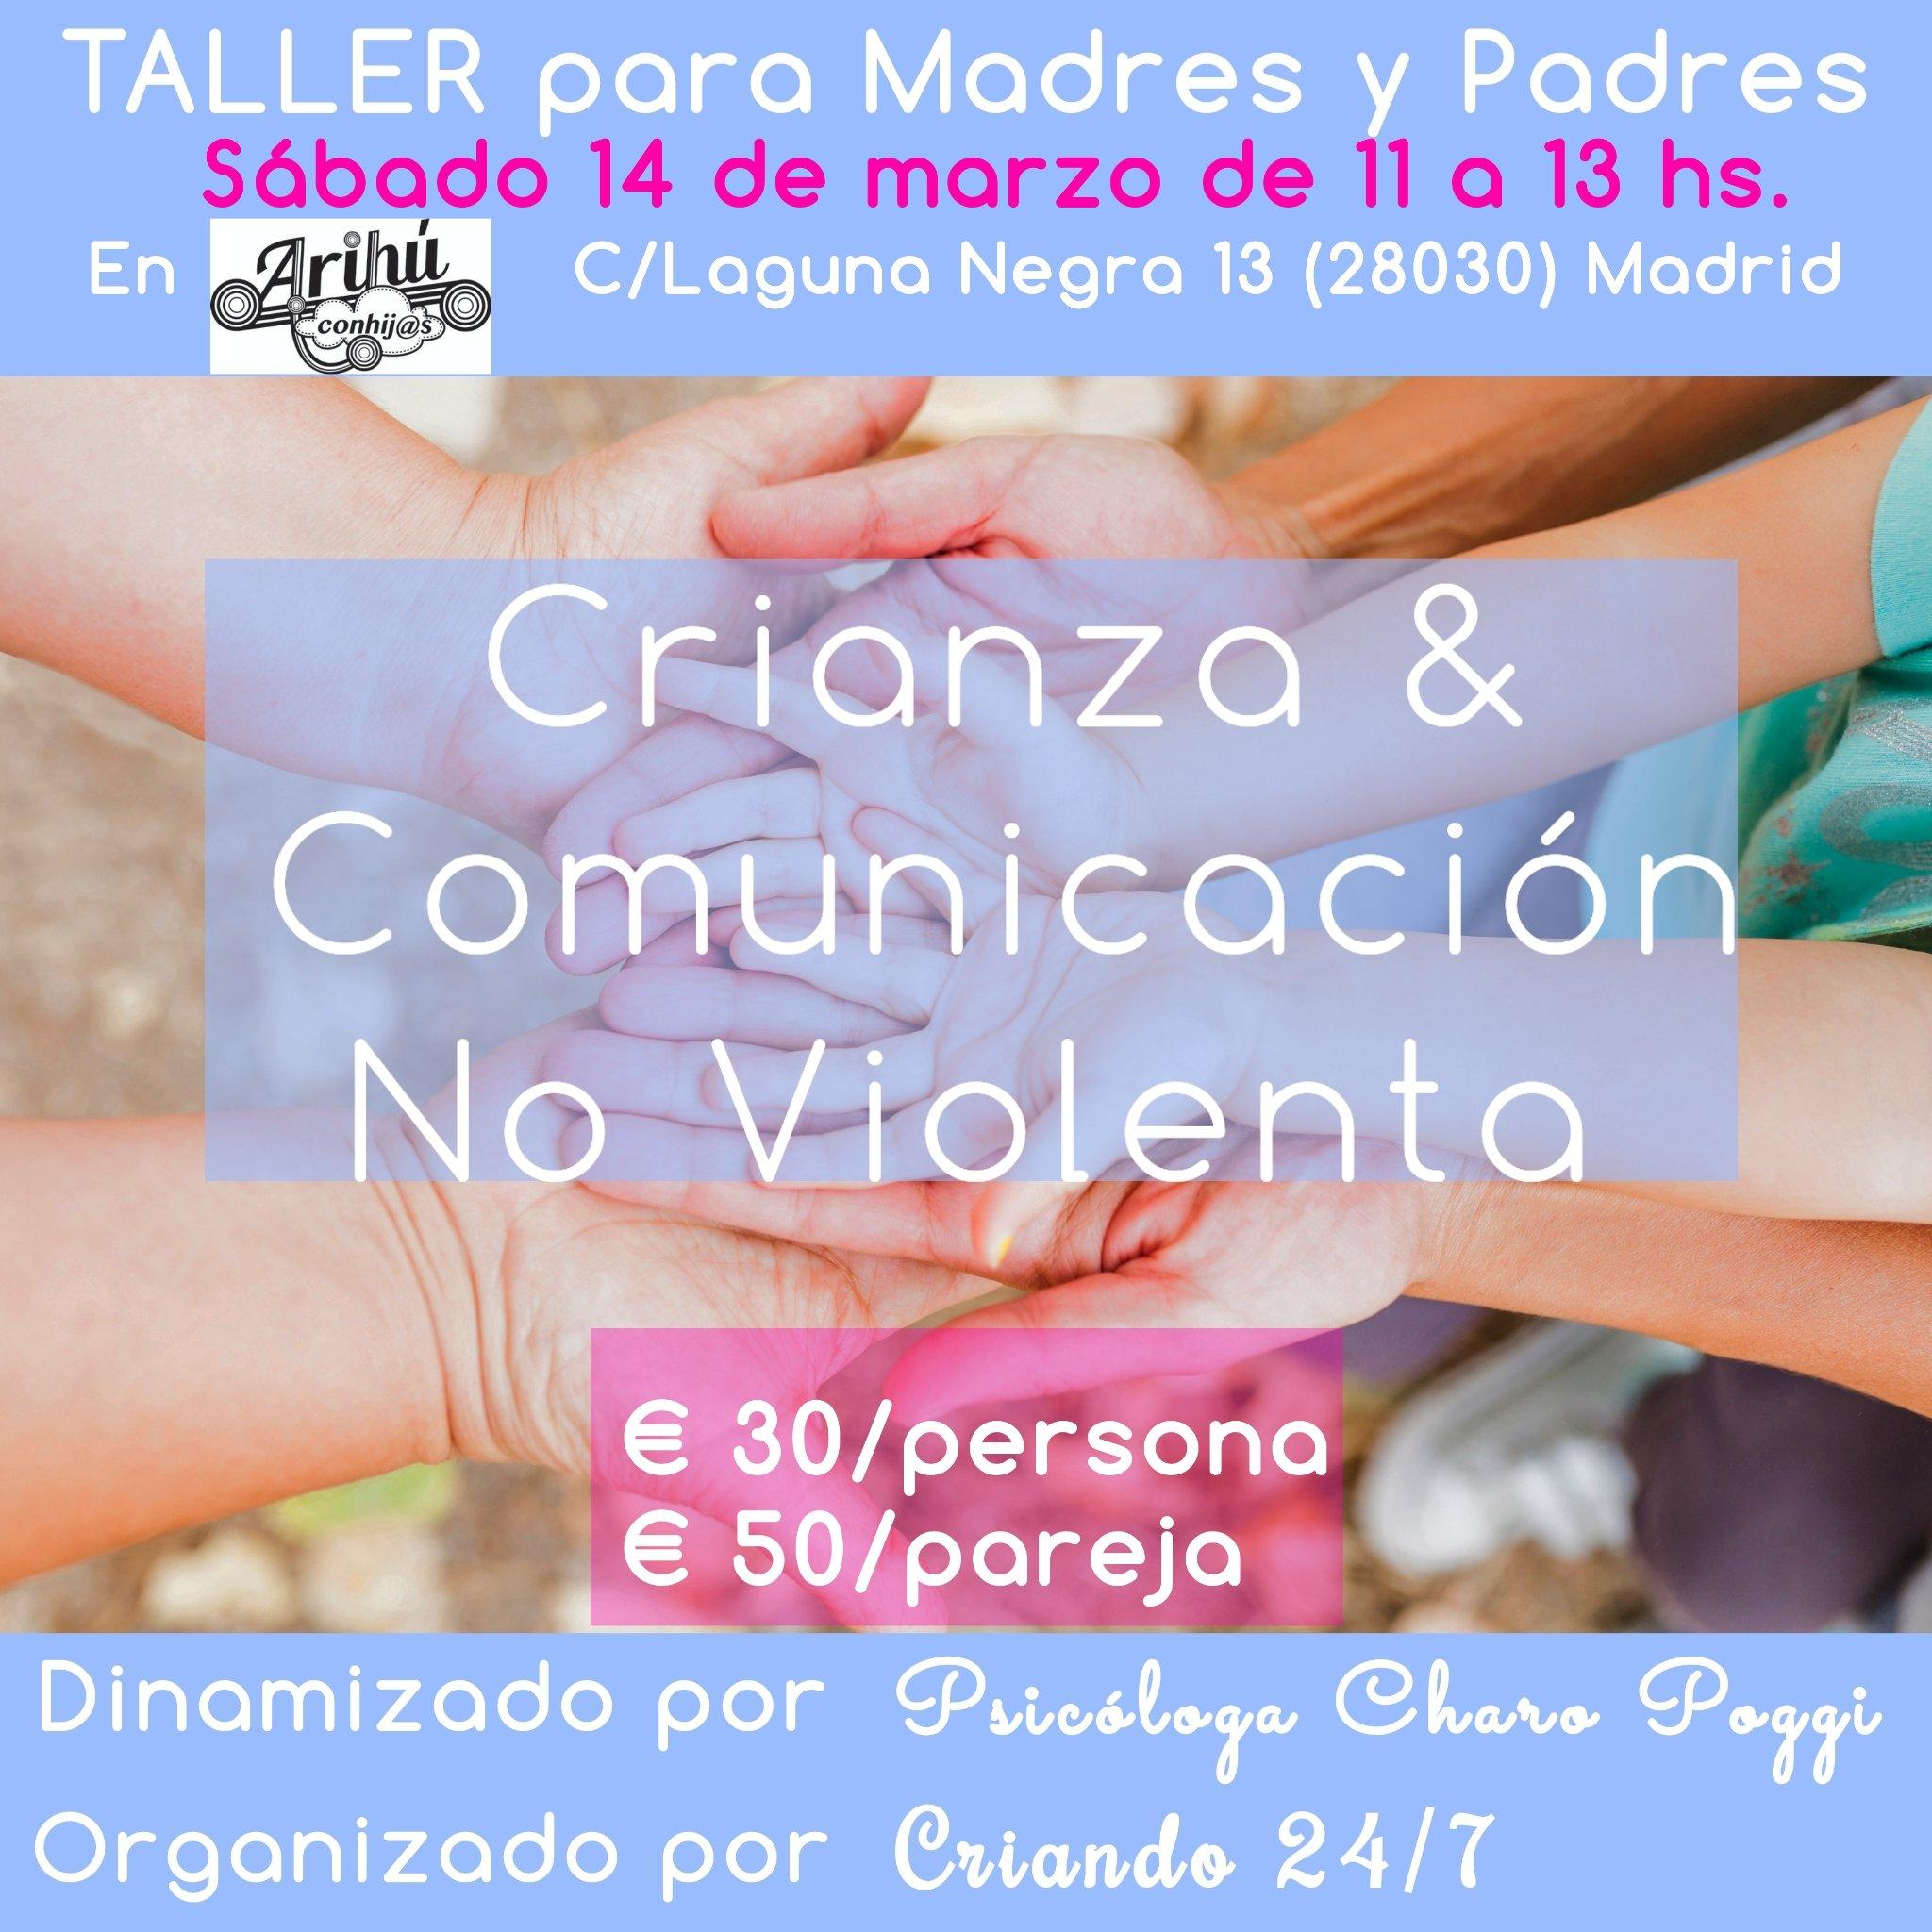 Taller de Crianza y Comunicacion No Violenta en Madrid